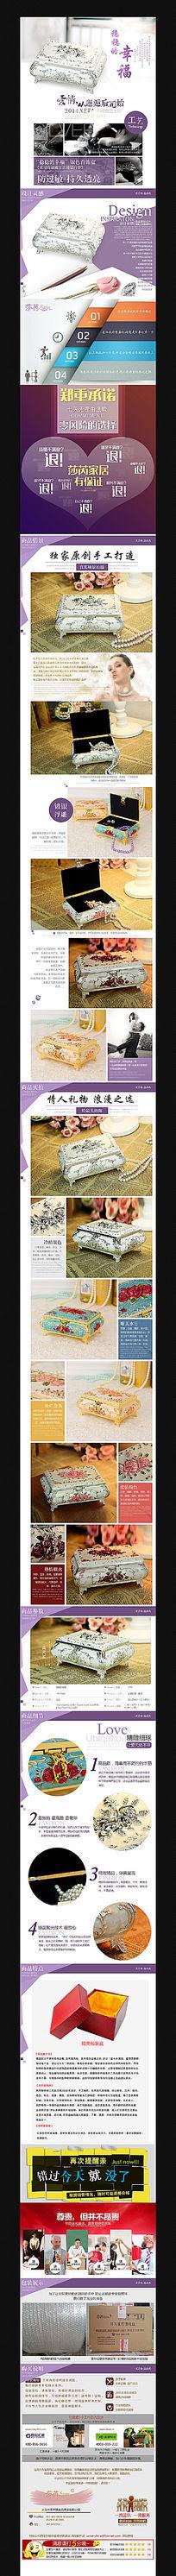 淘宝装饰品详情页描述模板